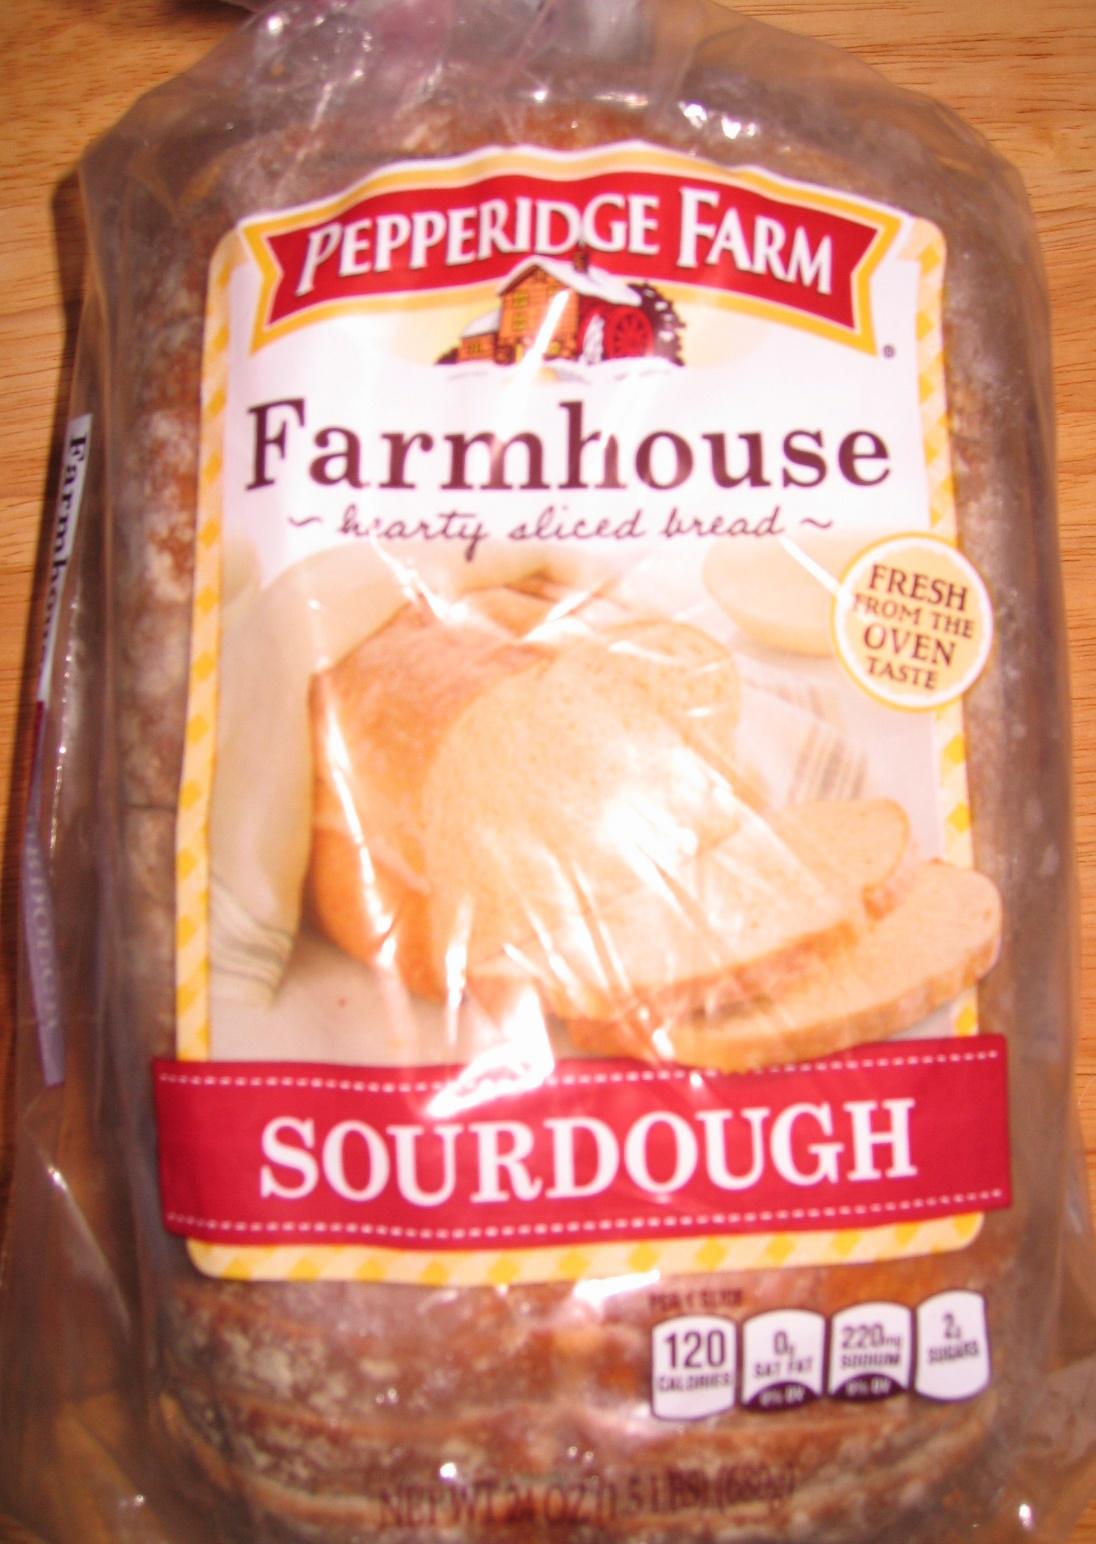 Farmhouse Sourdough - Product